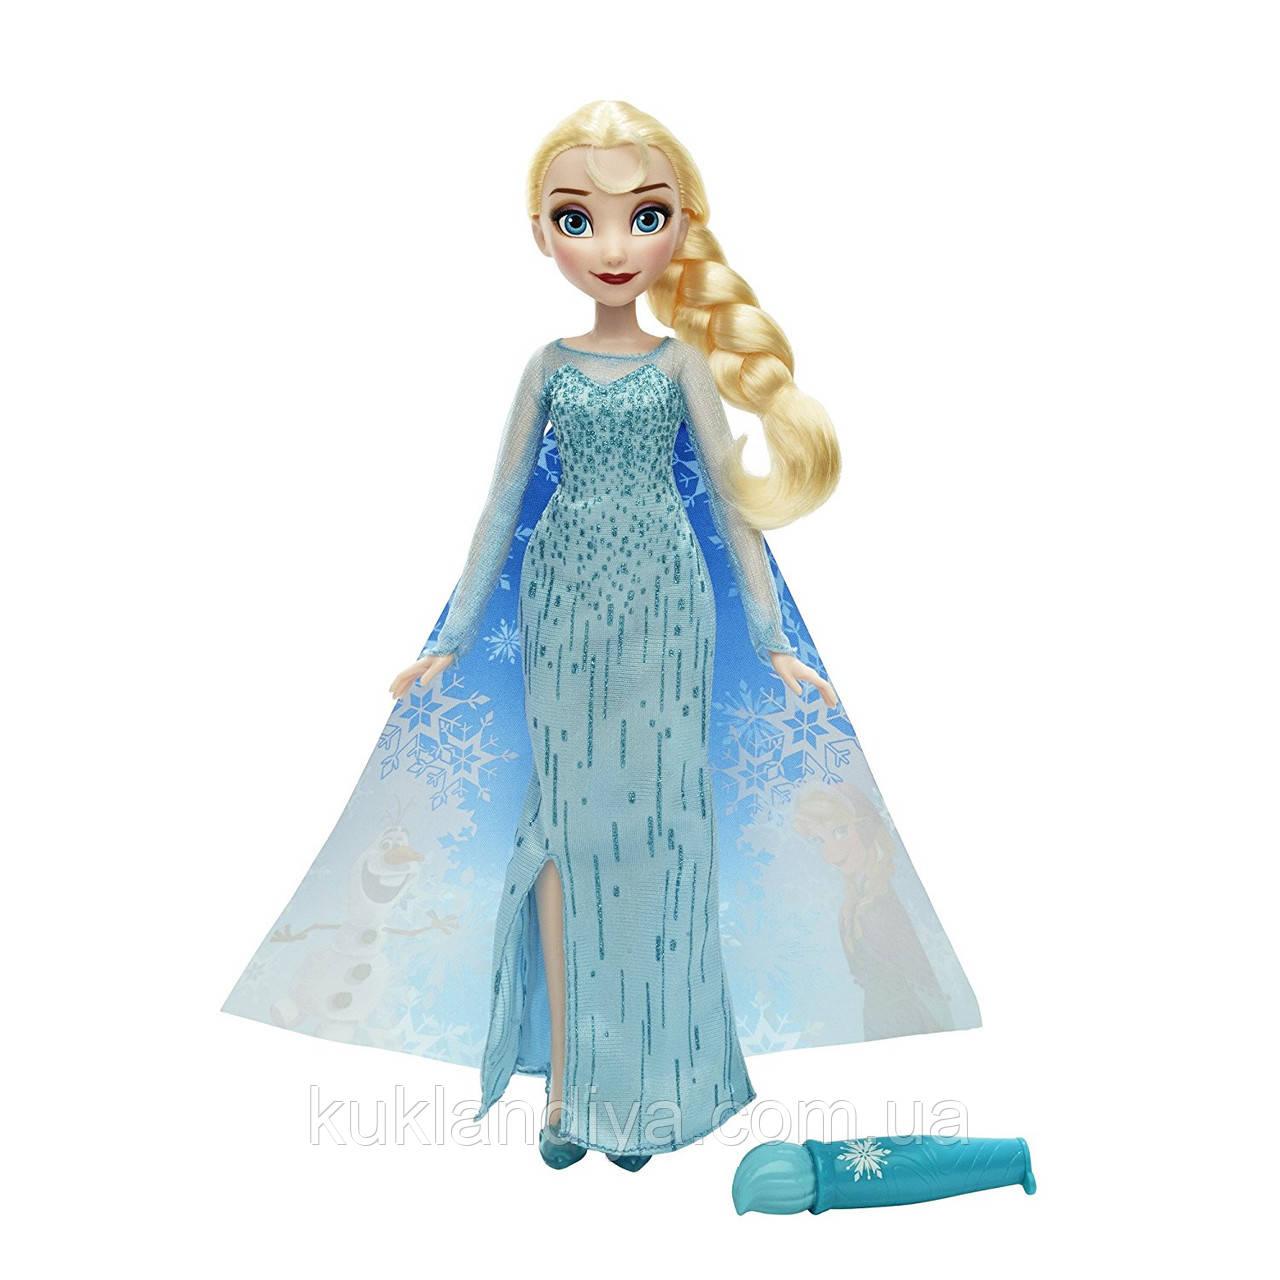 Кукла Эльза с магической кистью и волшебным плащем